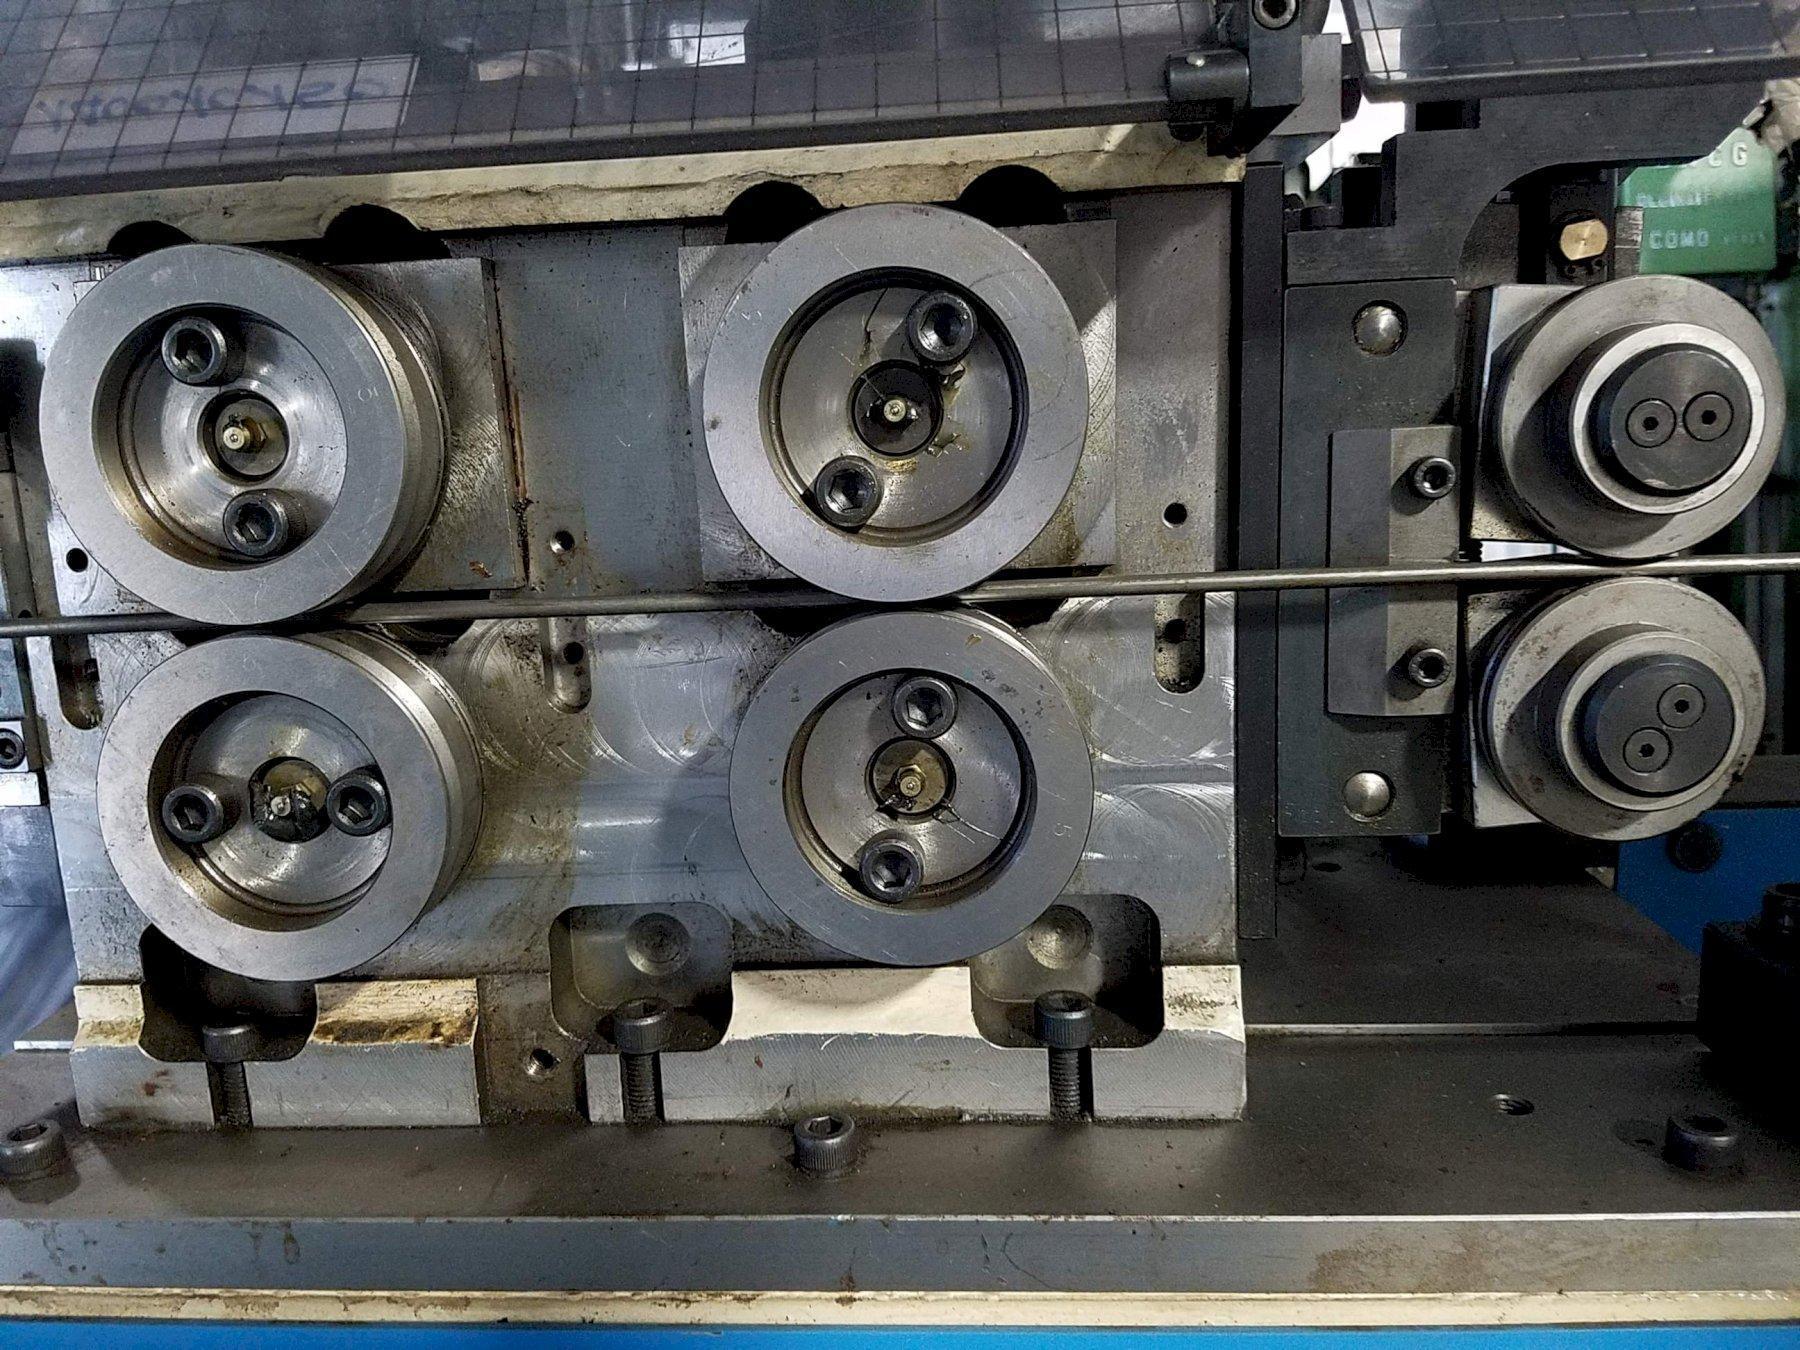 OMCG 2D CNC: STOCK # 72584